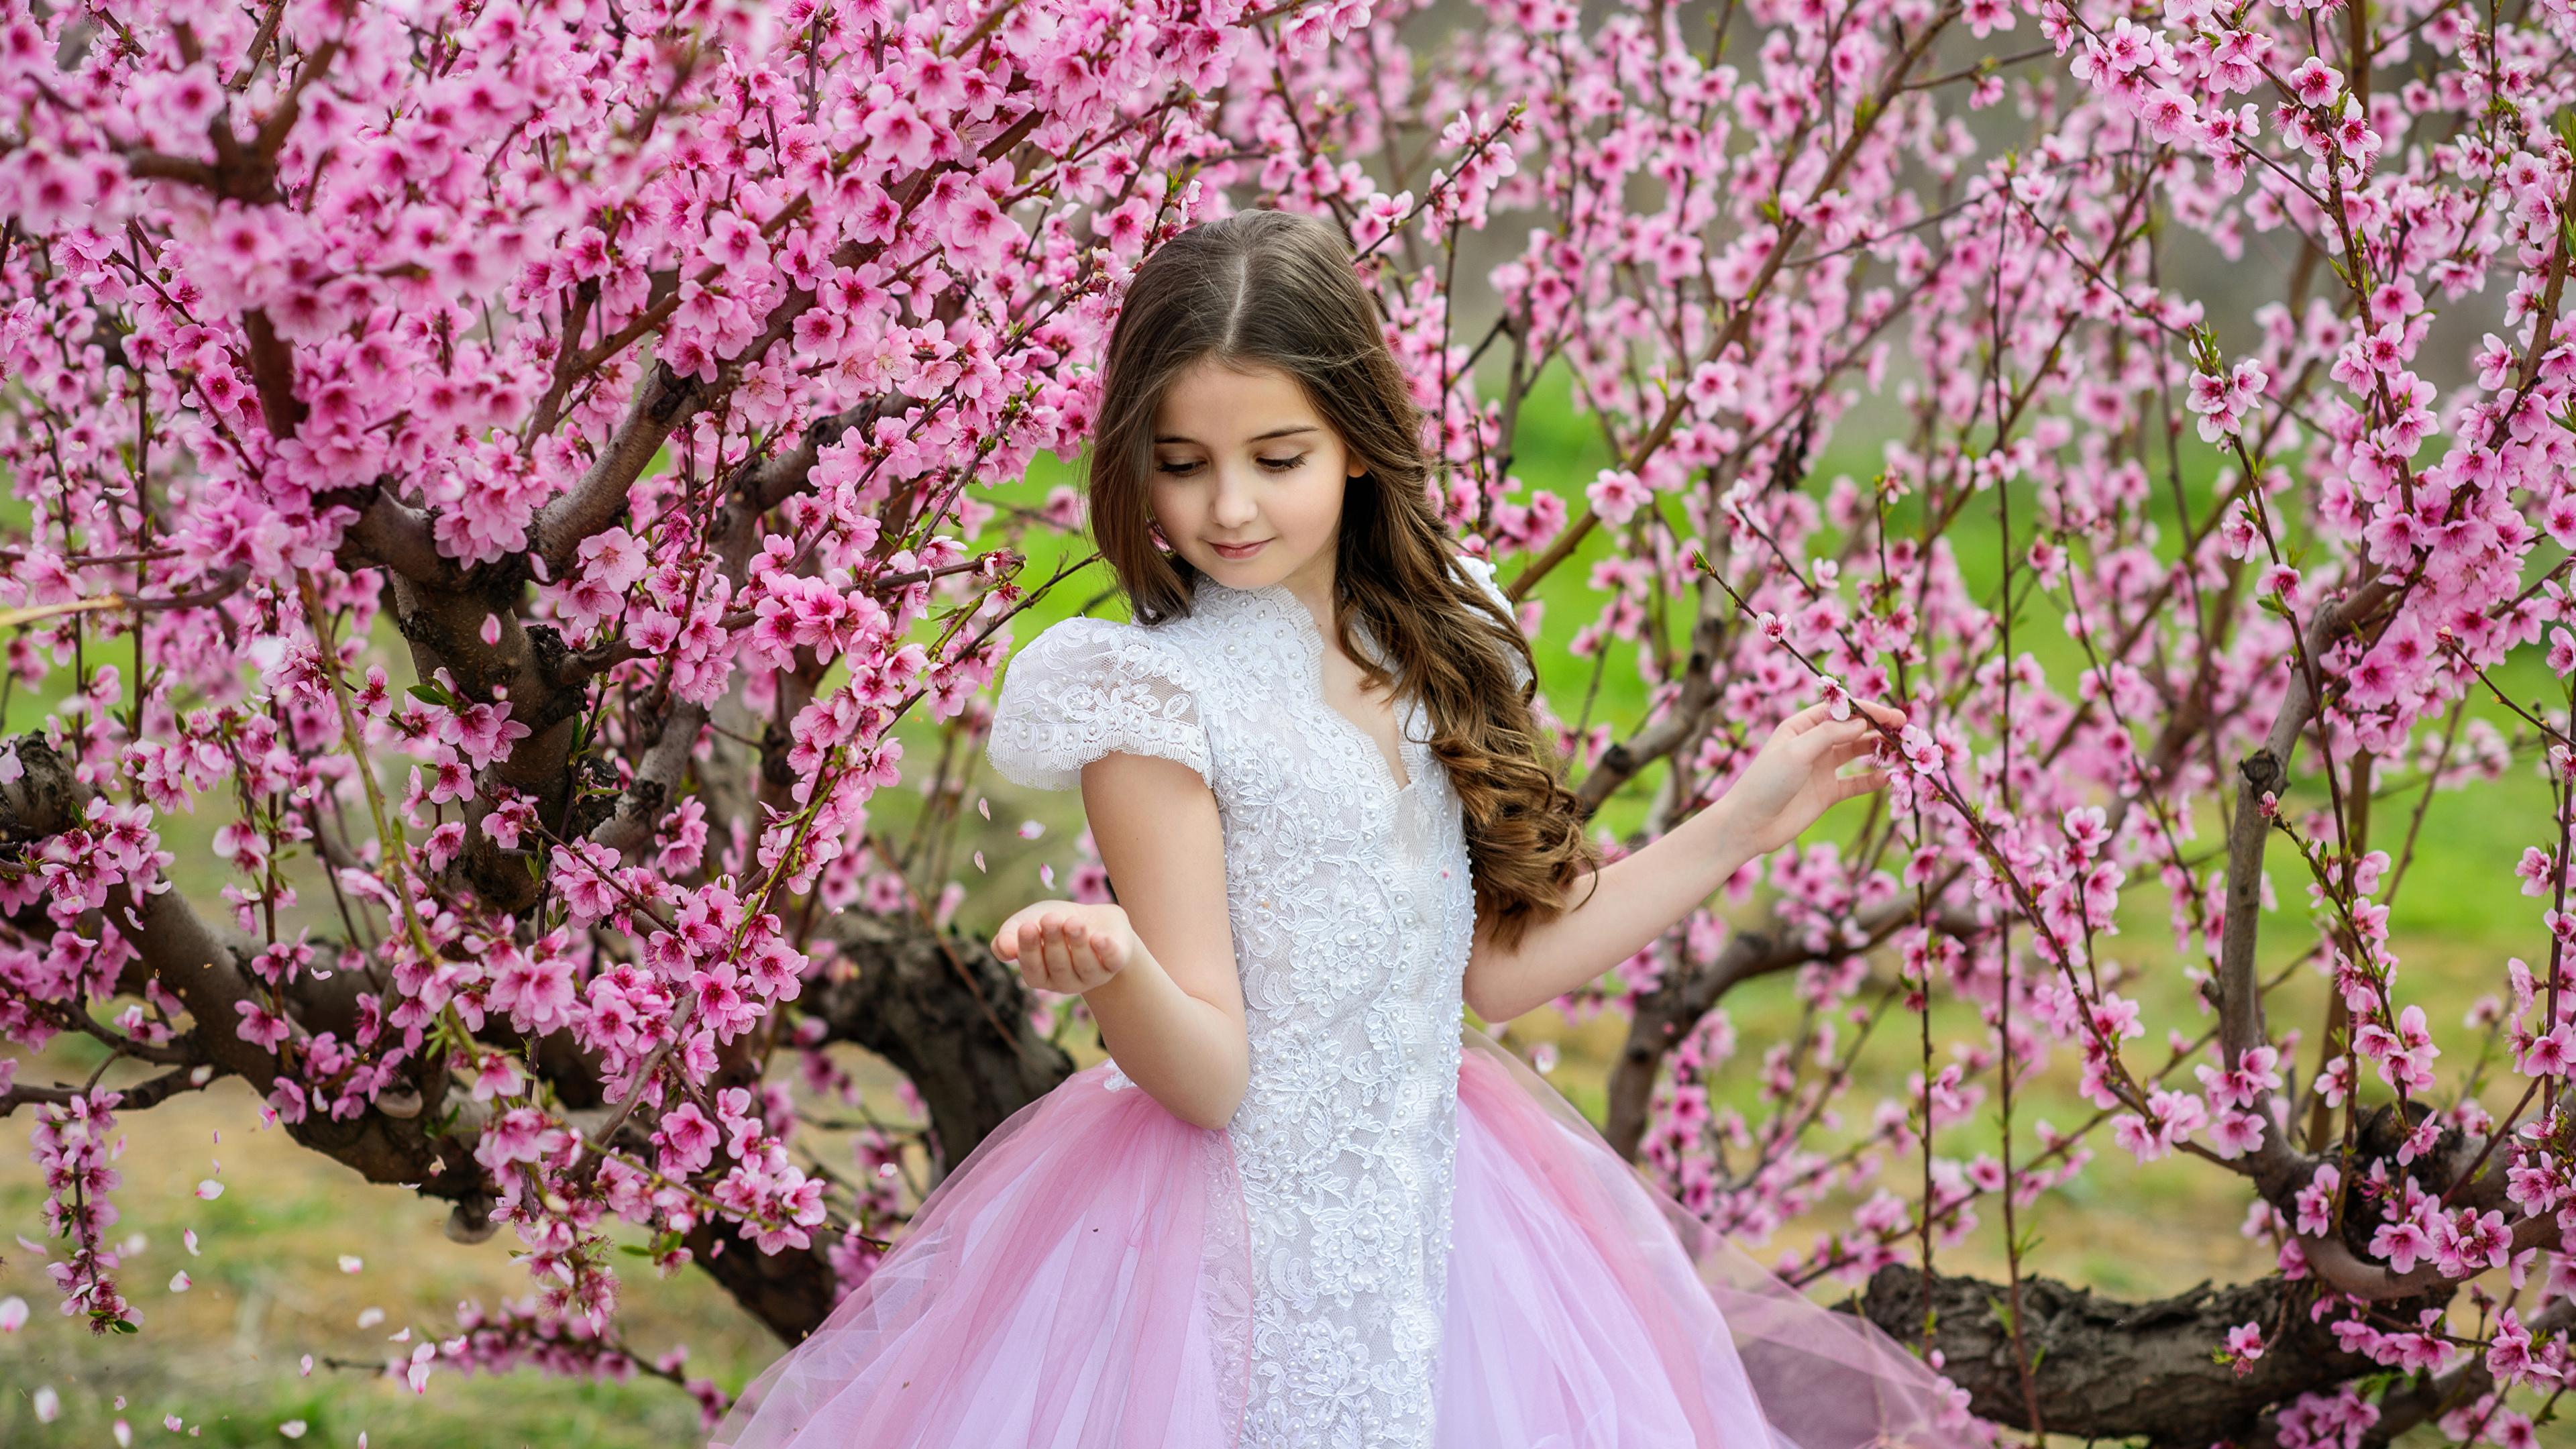 Фото Девочки ребёнок весенние Платье Цветущие деревья 3840x2160 девочка Дети Весна платья